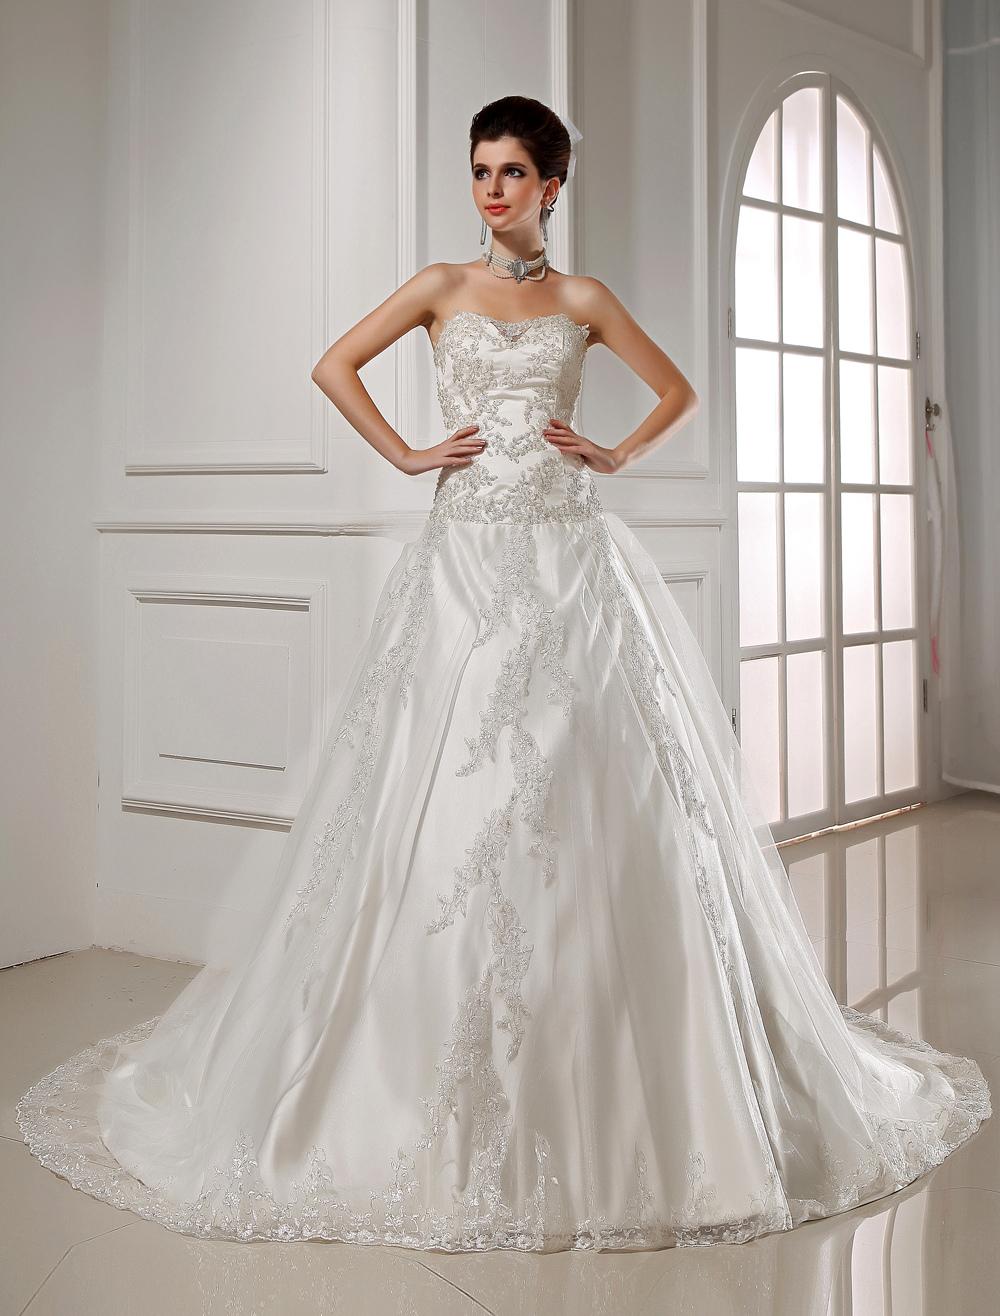 Wedding Dresses Wedding Dresses Strapless White Bridal Gown Satin Lace Applique Sequin A Line Chapel Train Bridal Dress